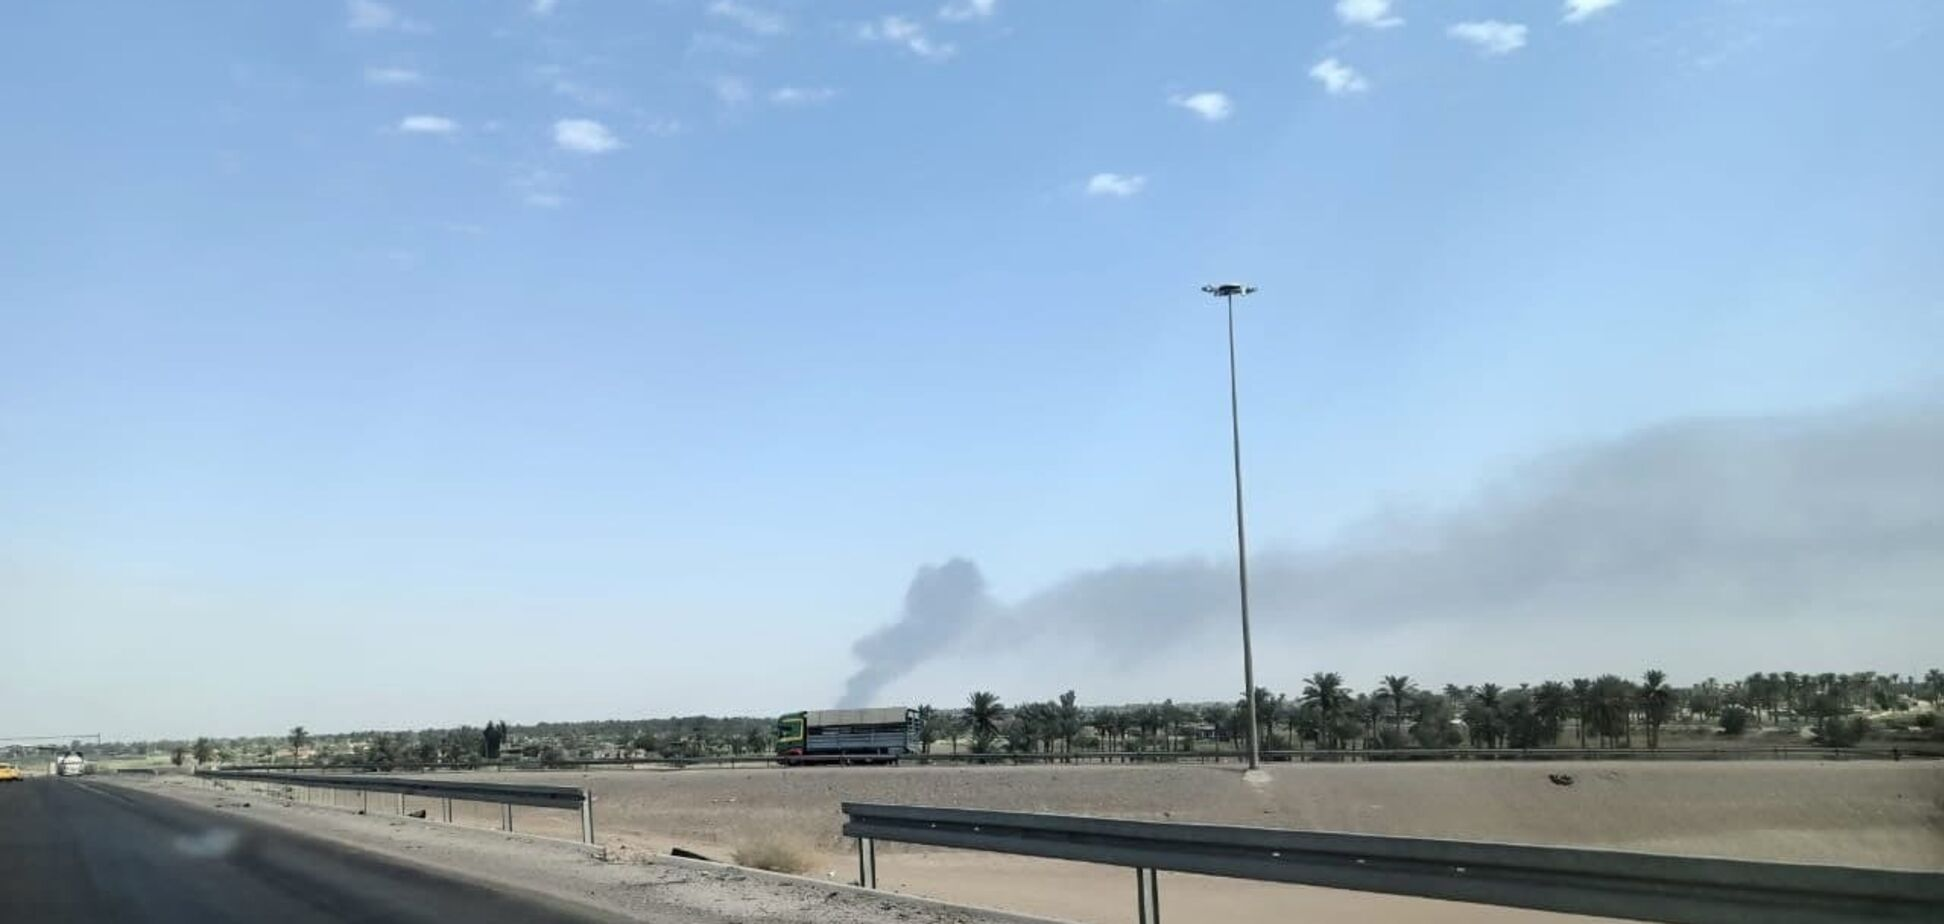 В Багдаде вспыхнул мощный пожар на военной базе, расположенной вблизи аэропорта. Видео